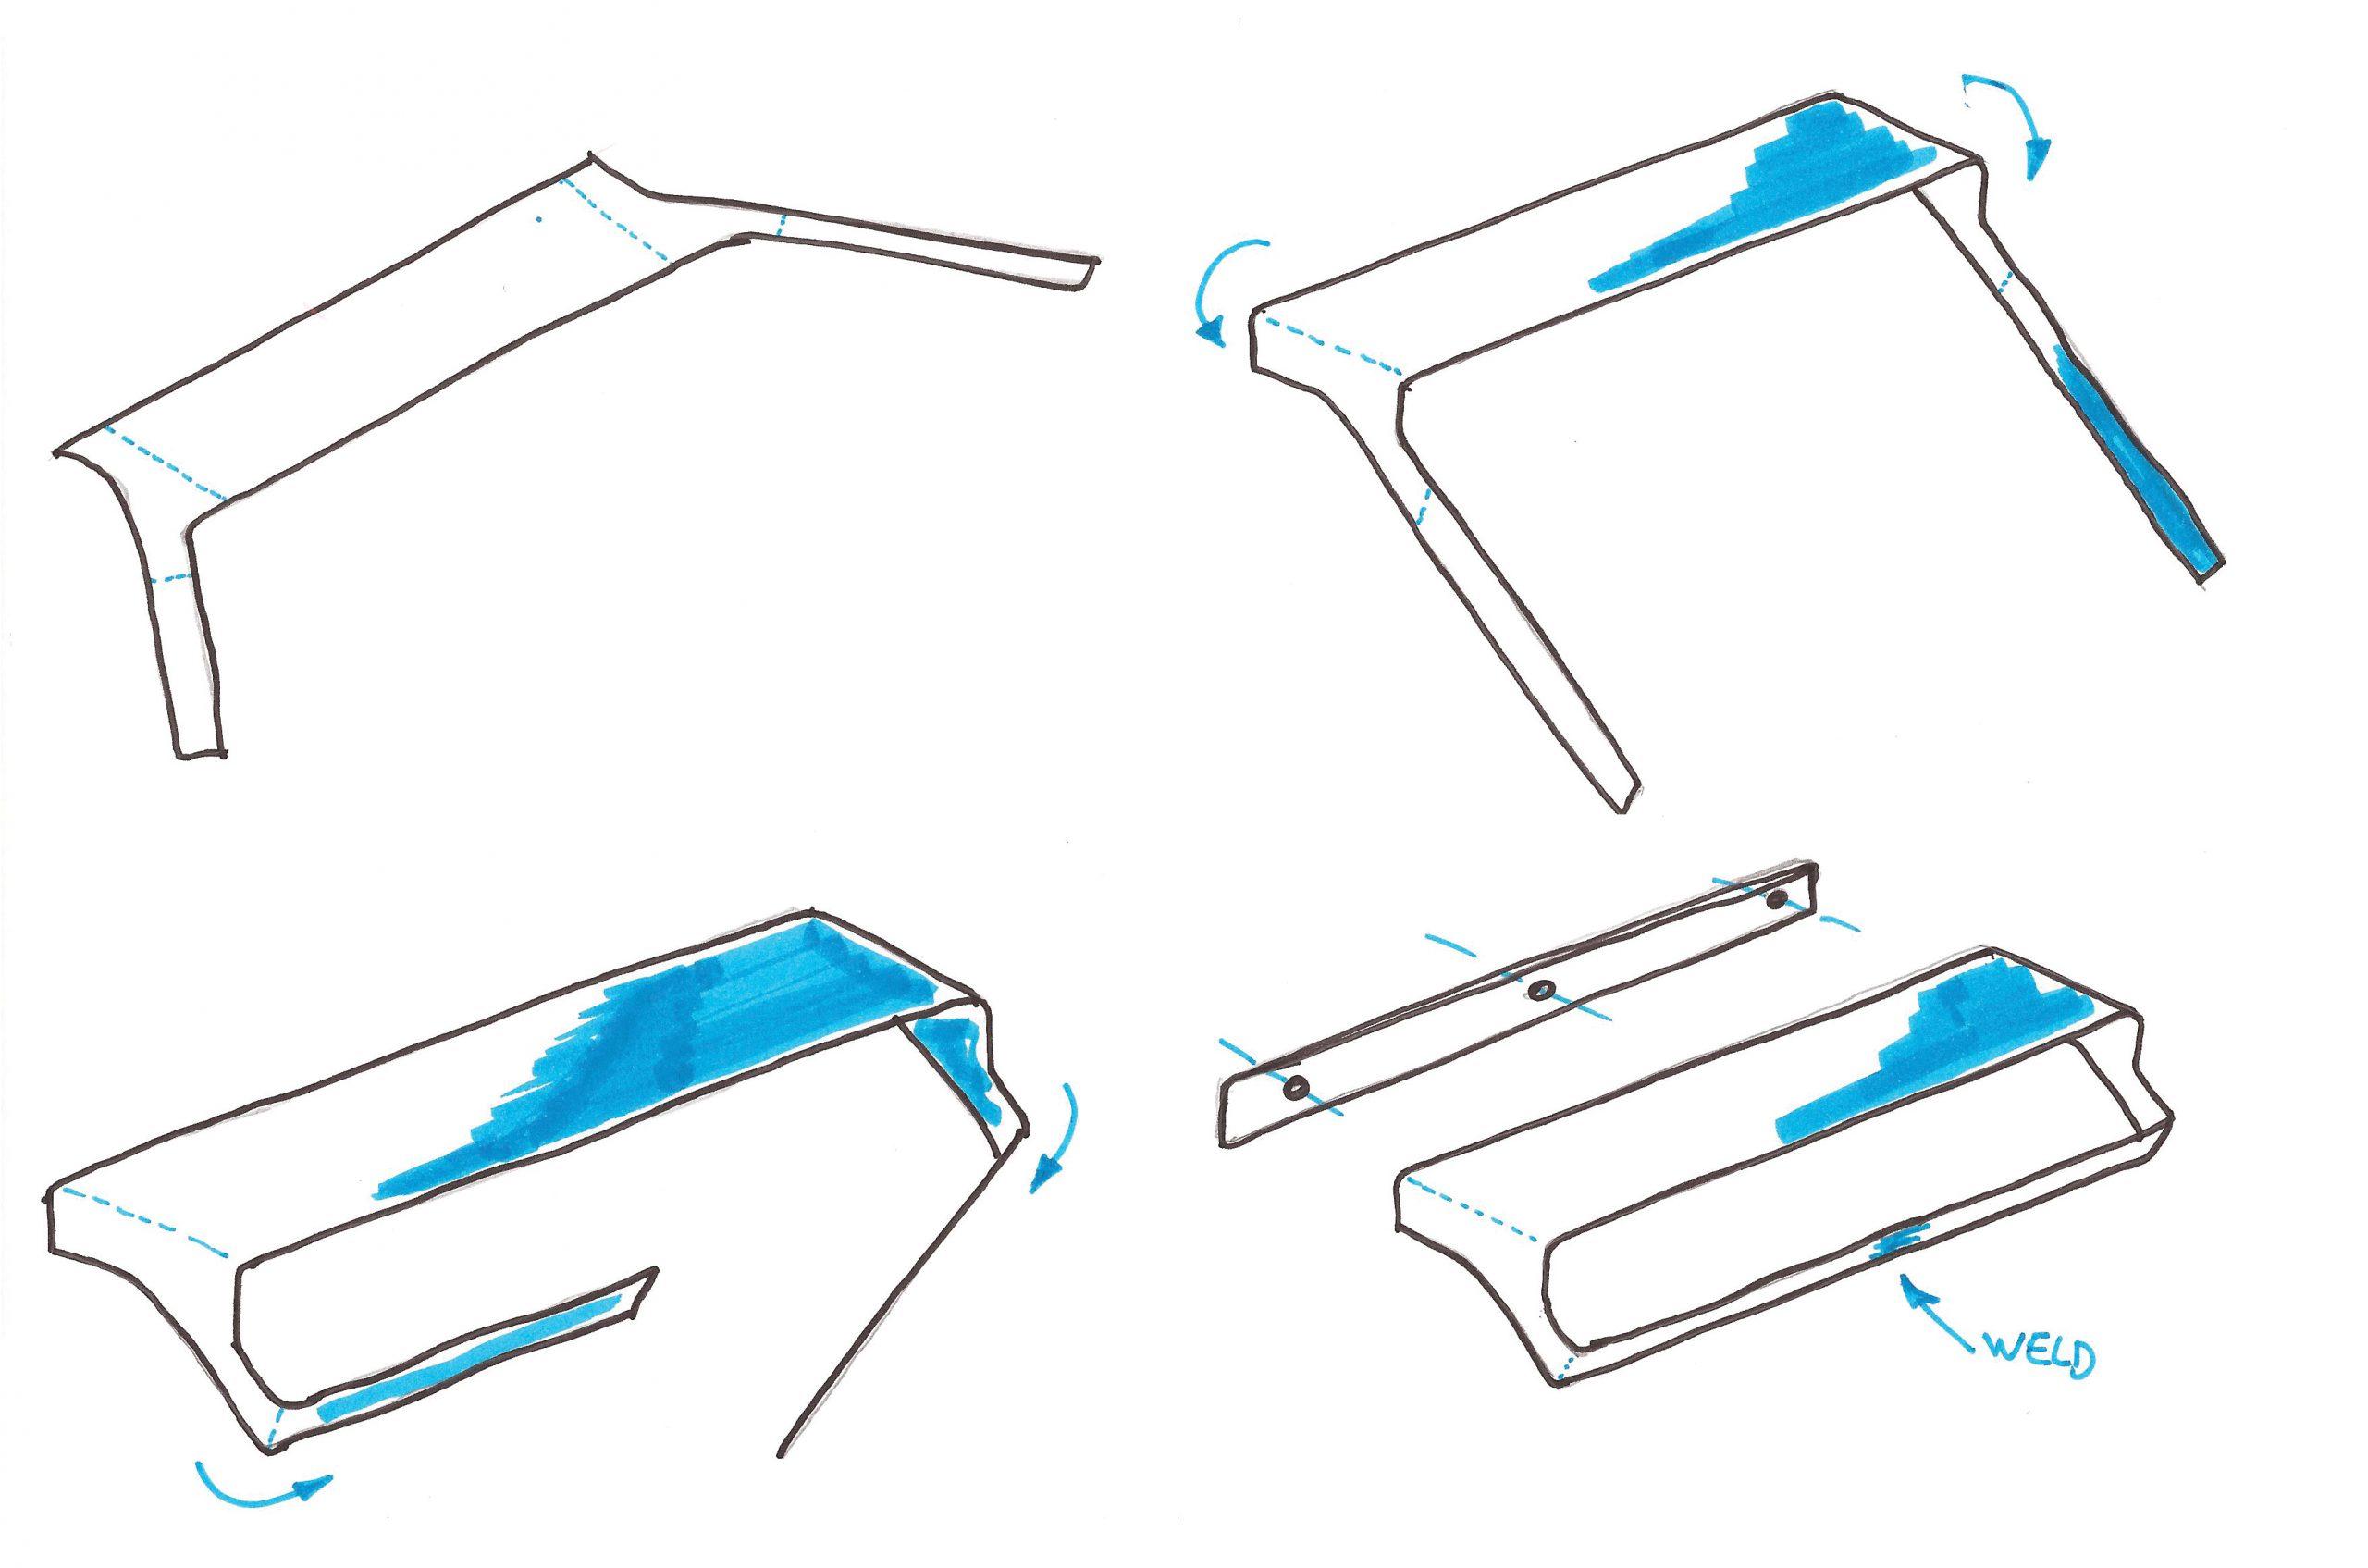 Sketch of the Qgini bathroom accessories by Debiasi Sandri for Antoniolupi